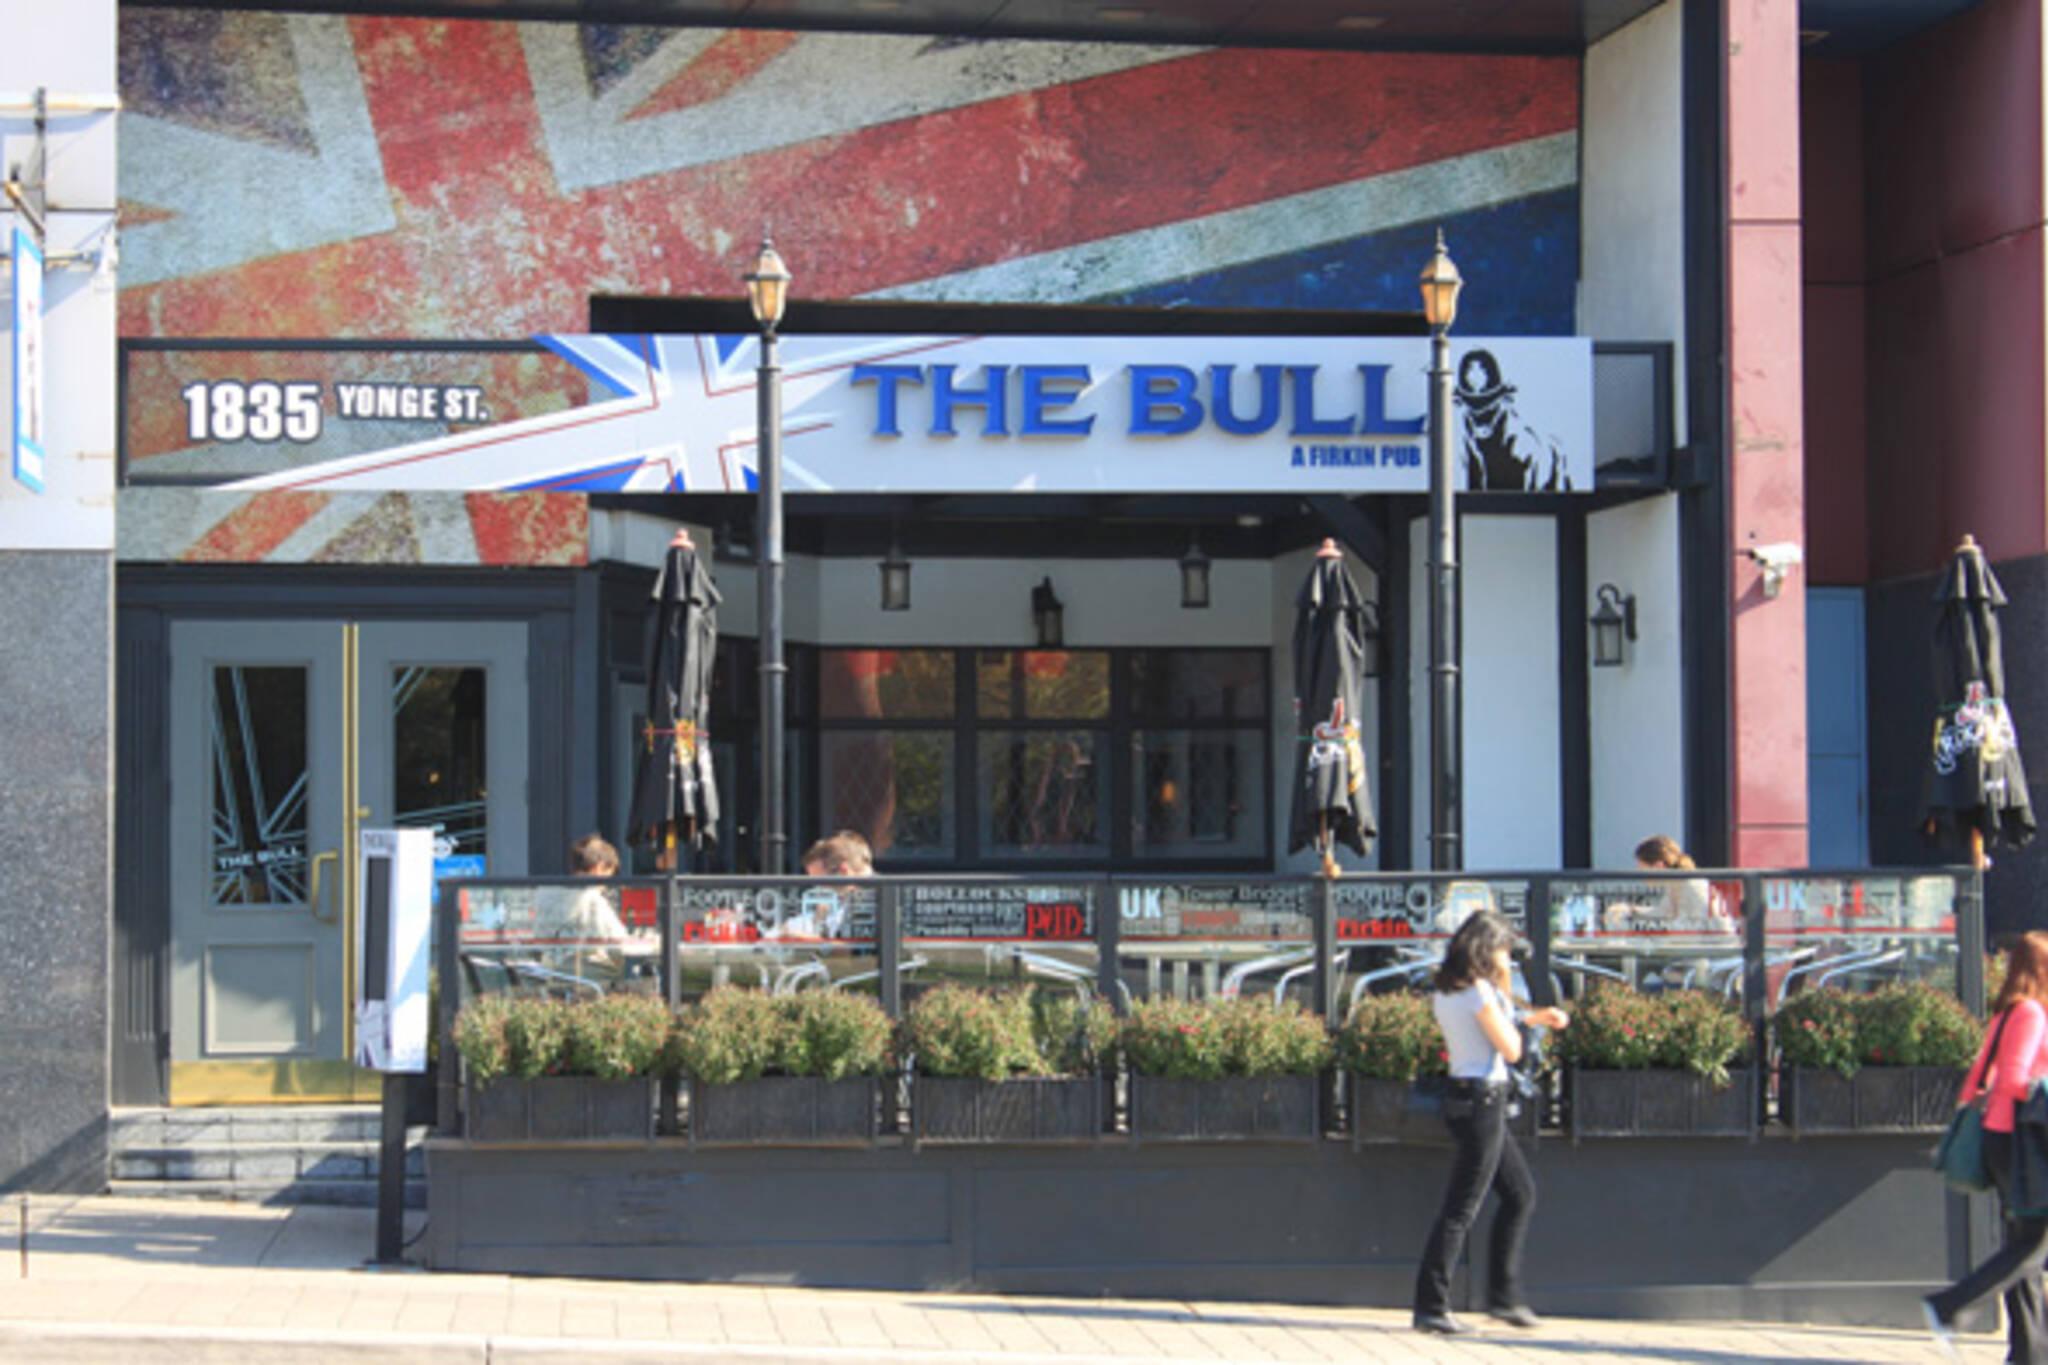 The Bull firkin pub